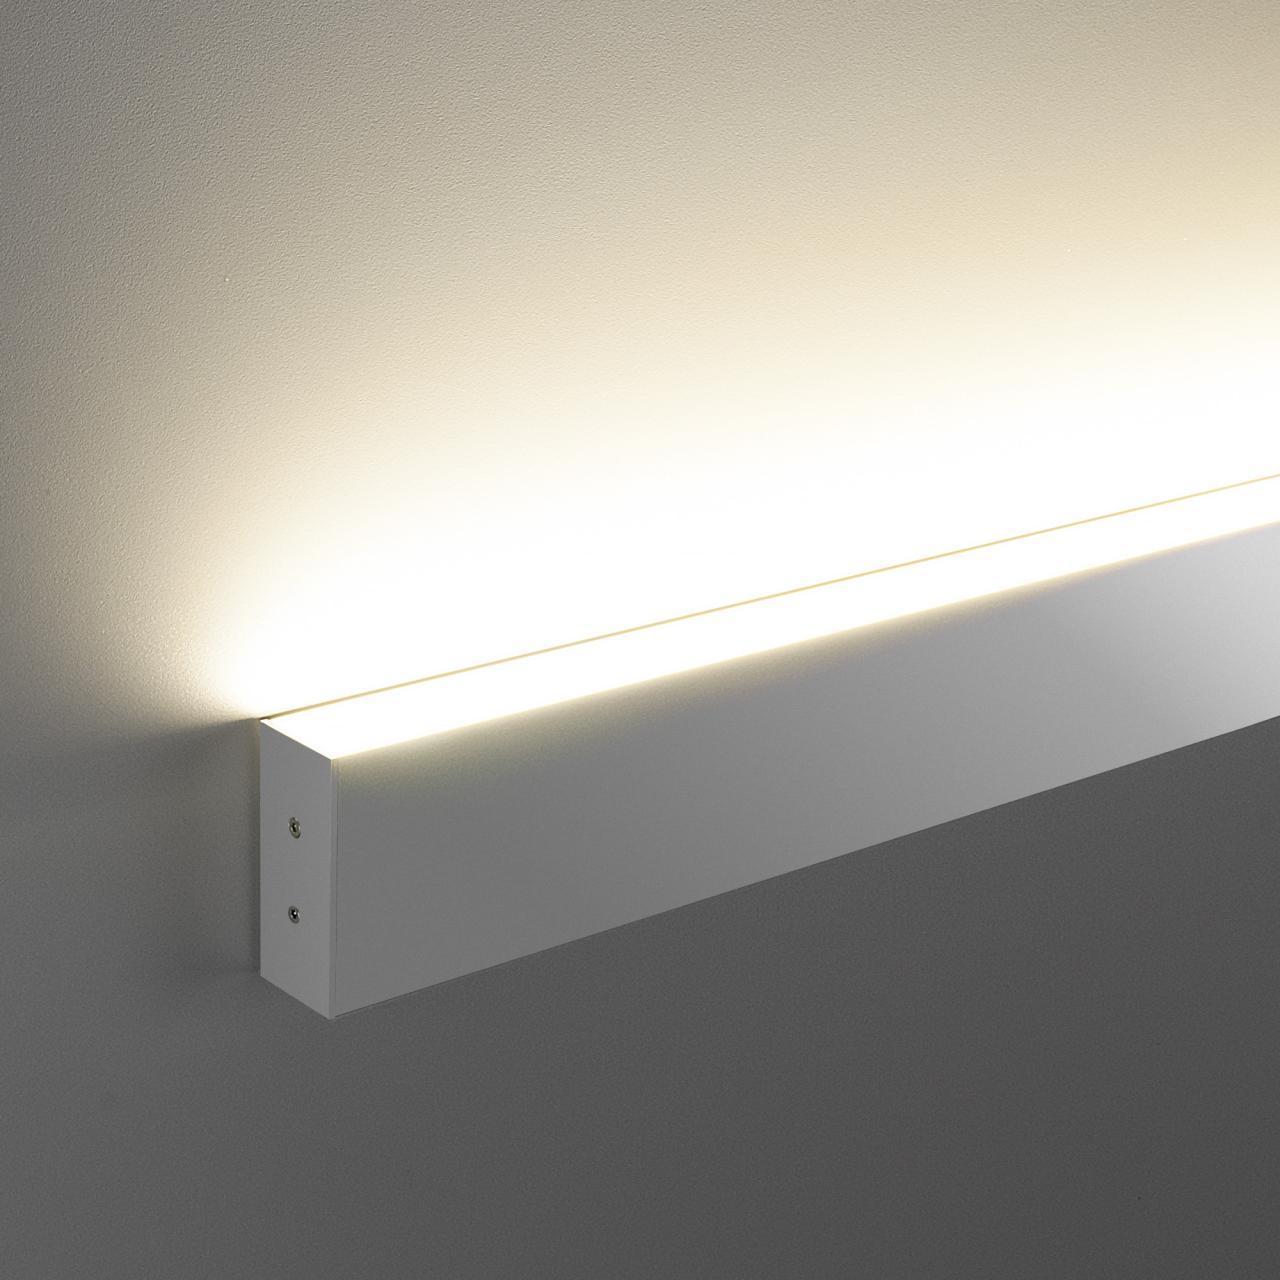 Настенный светодиодный светильник Elektrostandard LSG-02-1-8 53-9-4200-MS 4690389129346 цены